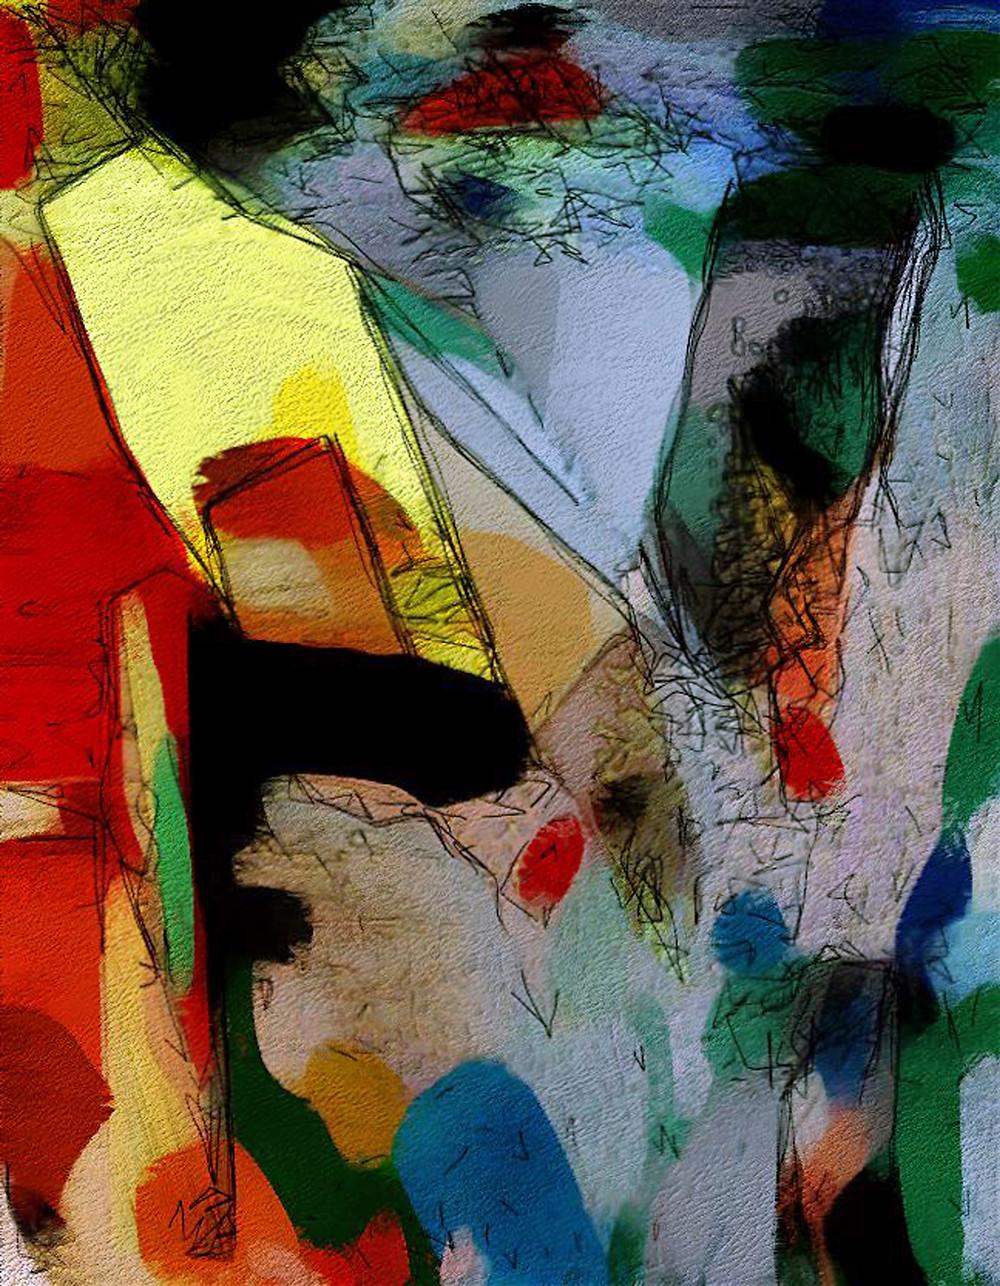 Laske Color #7,. Broad Strokes No. 10, 18x14